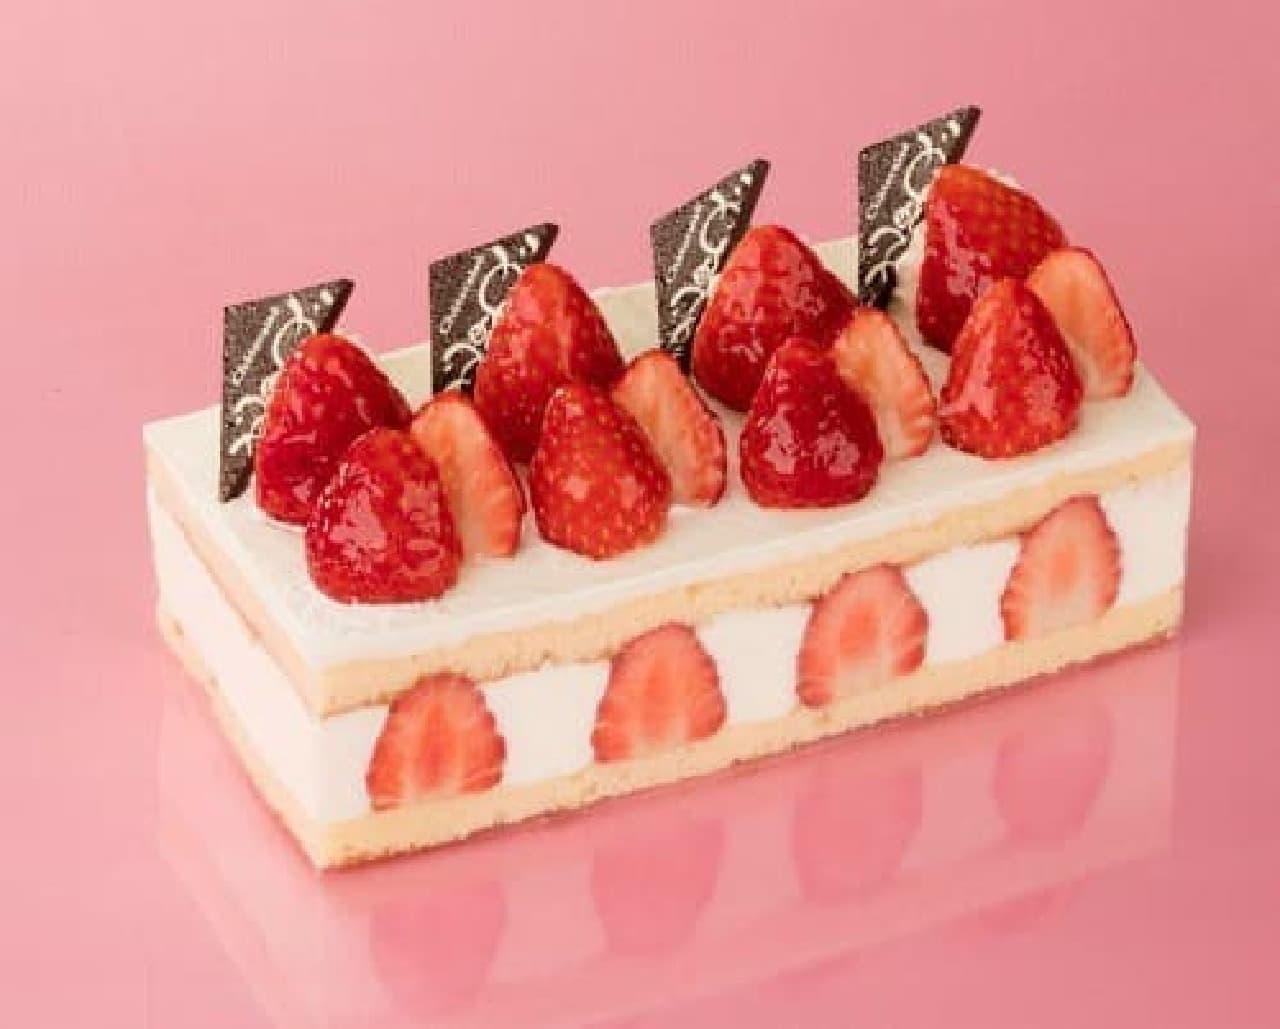 シャトレーゼ「苺食べ比べバトン」